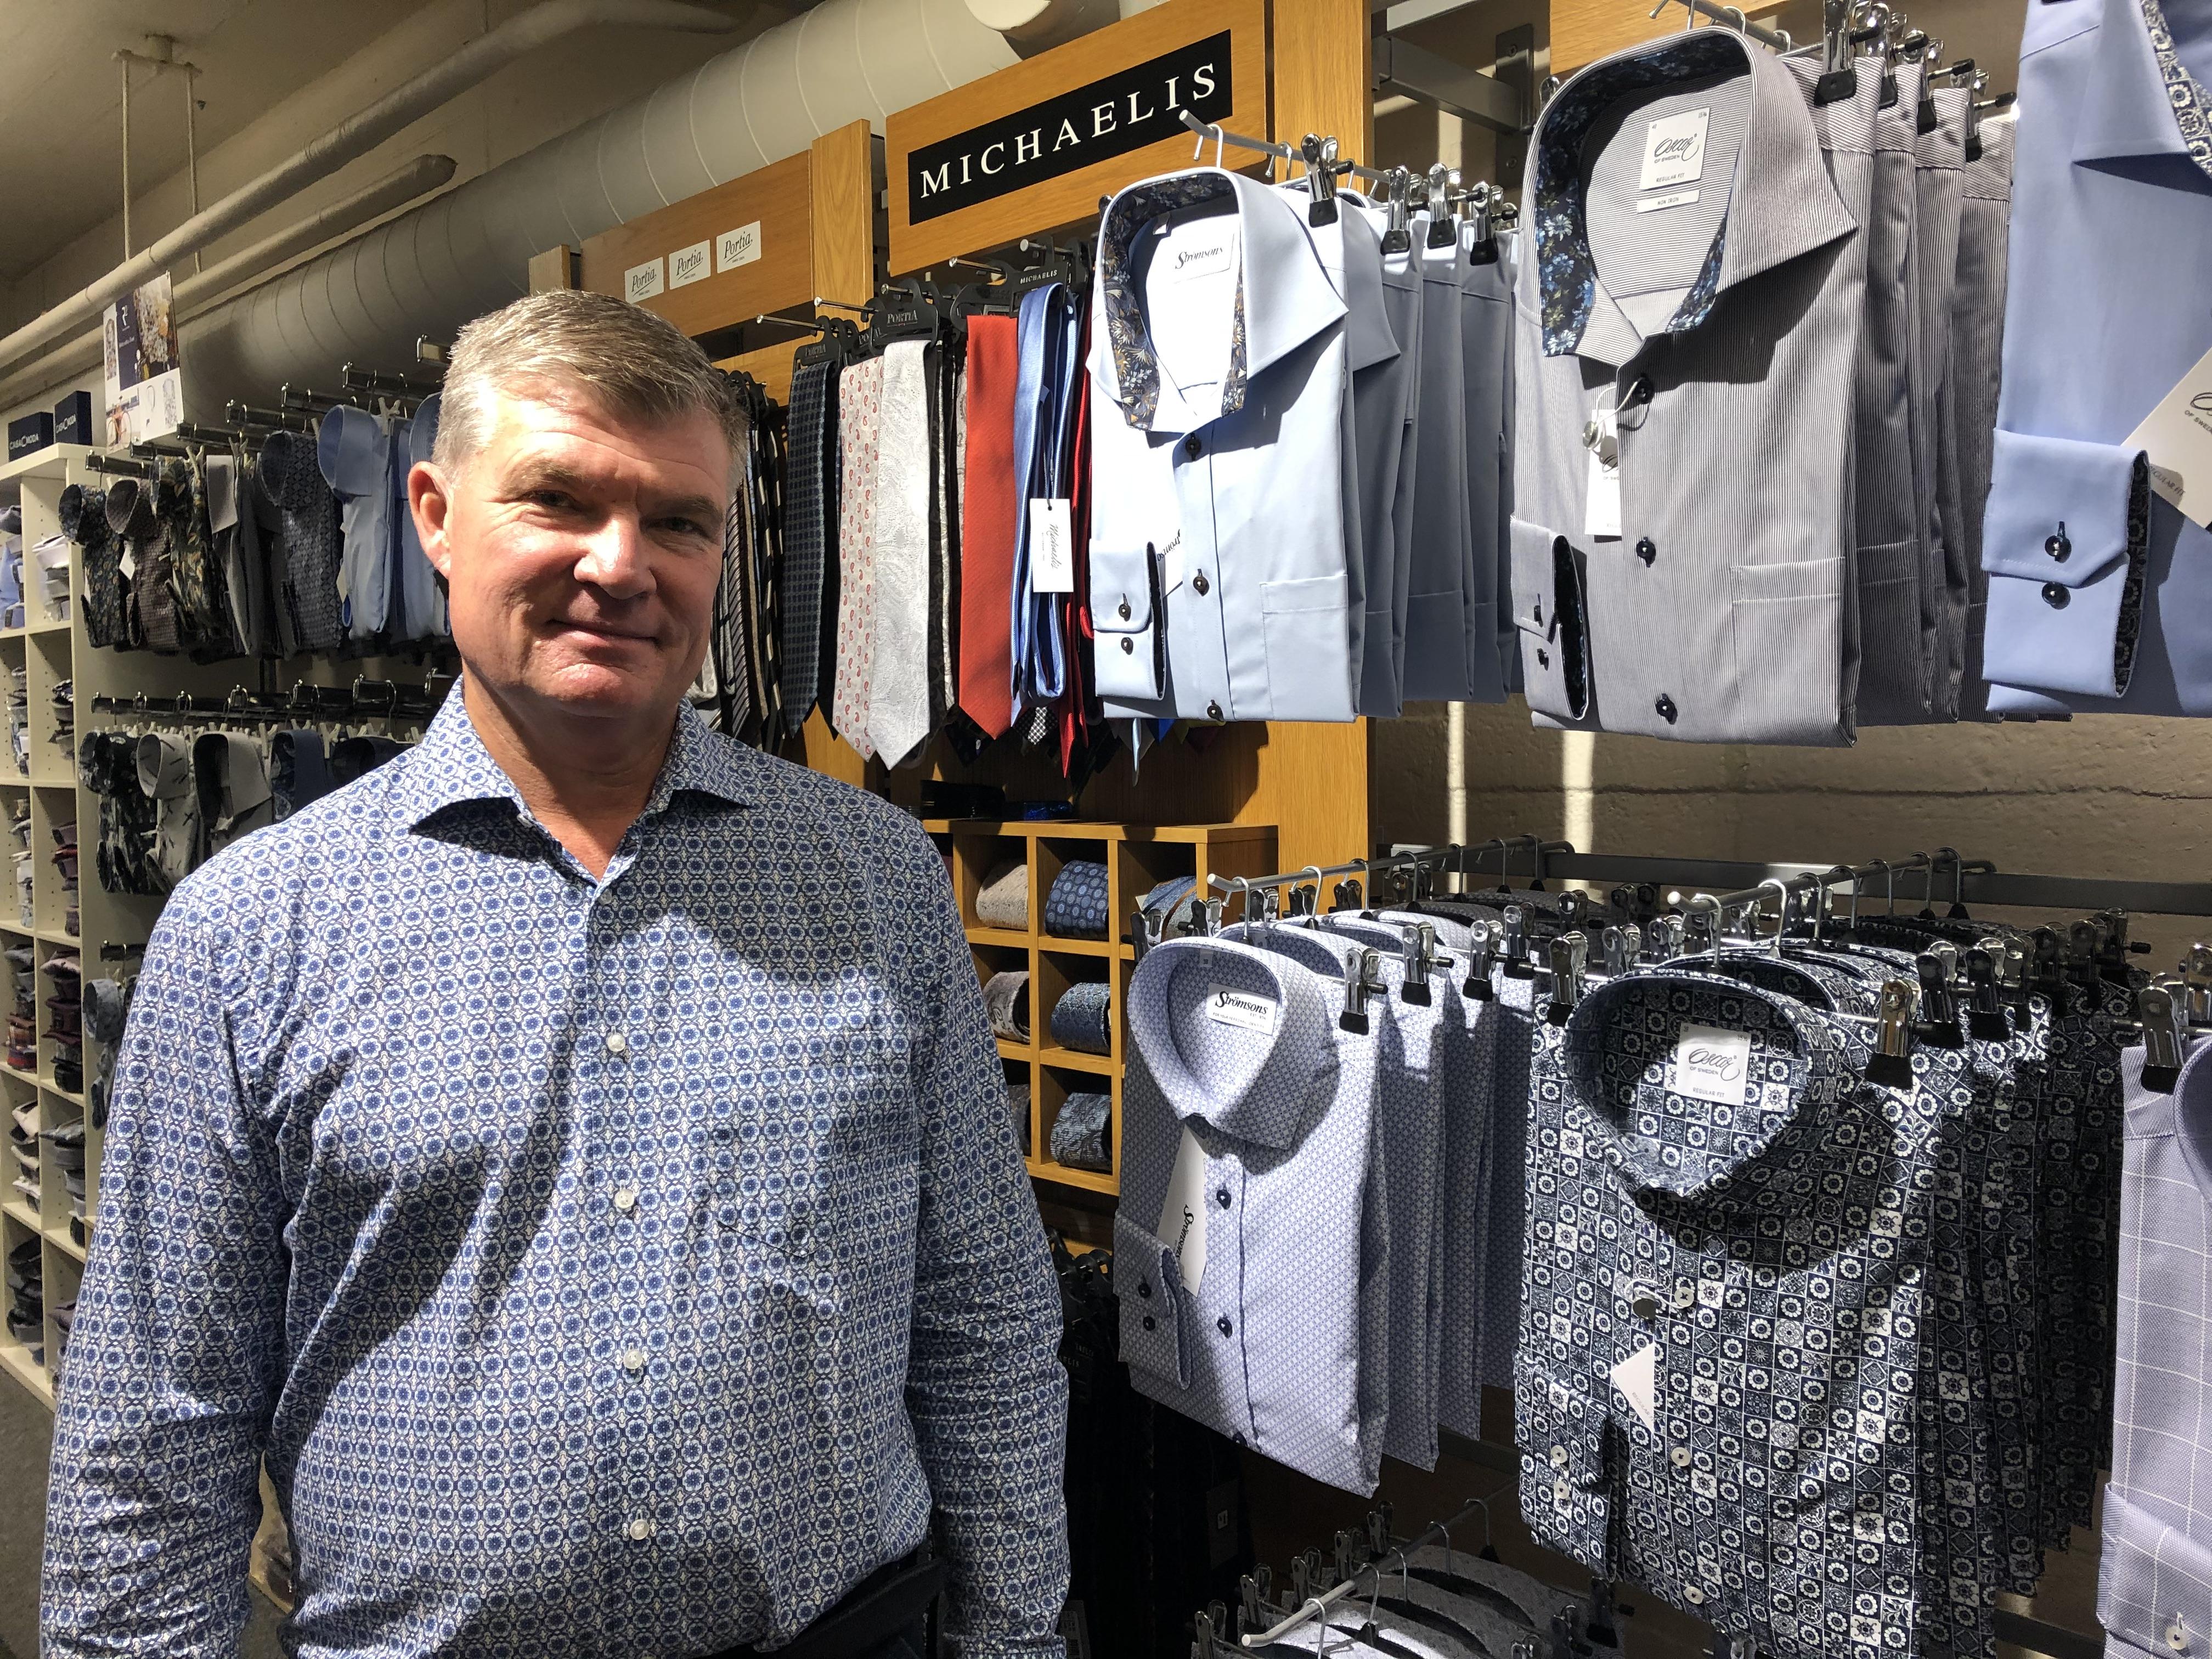 Bland höstens och vinterns mönstrade herrskjortor står Mats Gustafsson själv klädd i en mönstrad skjorta